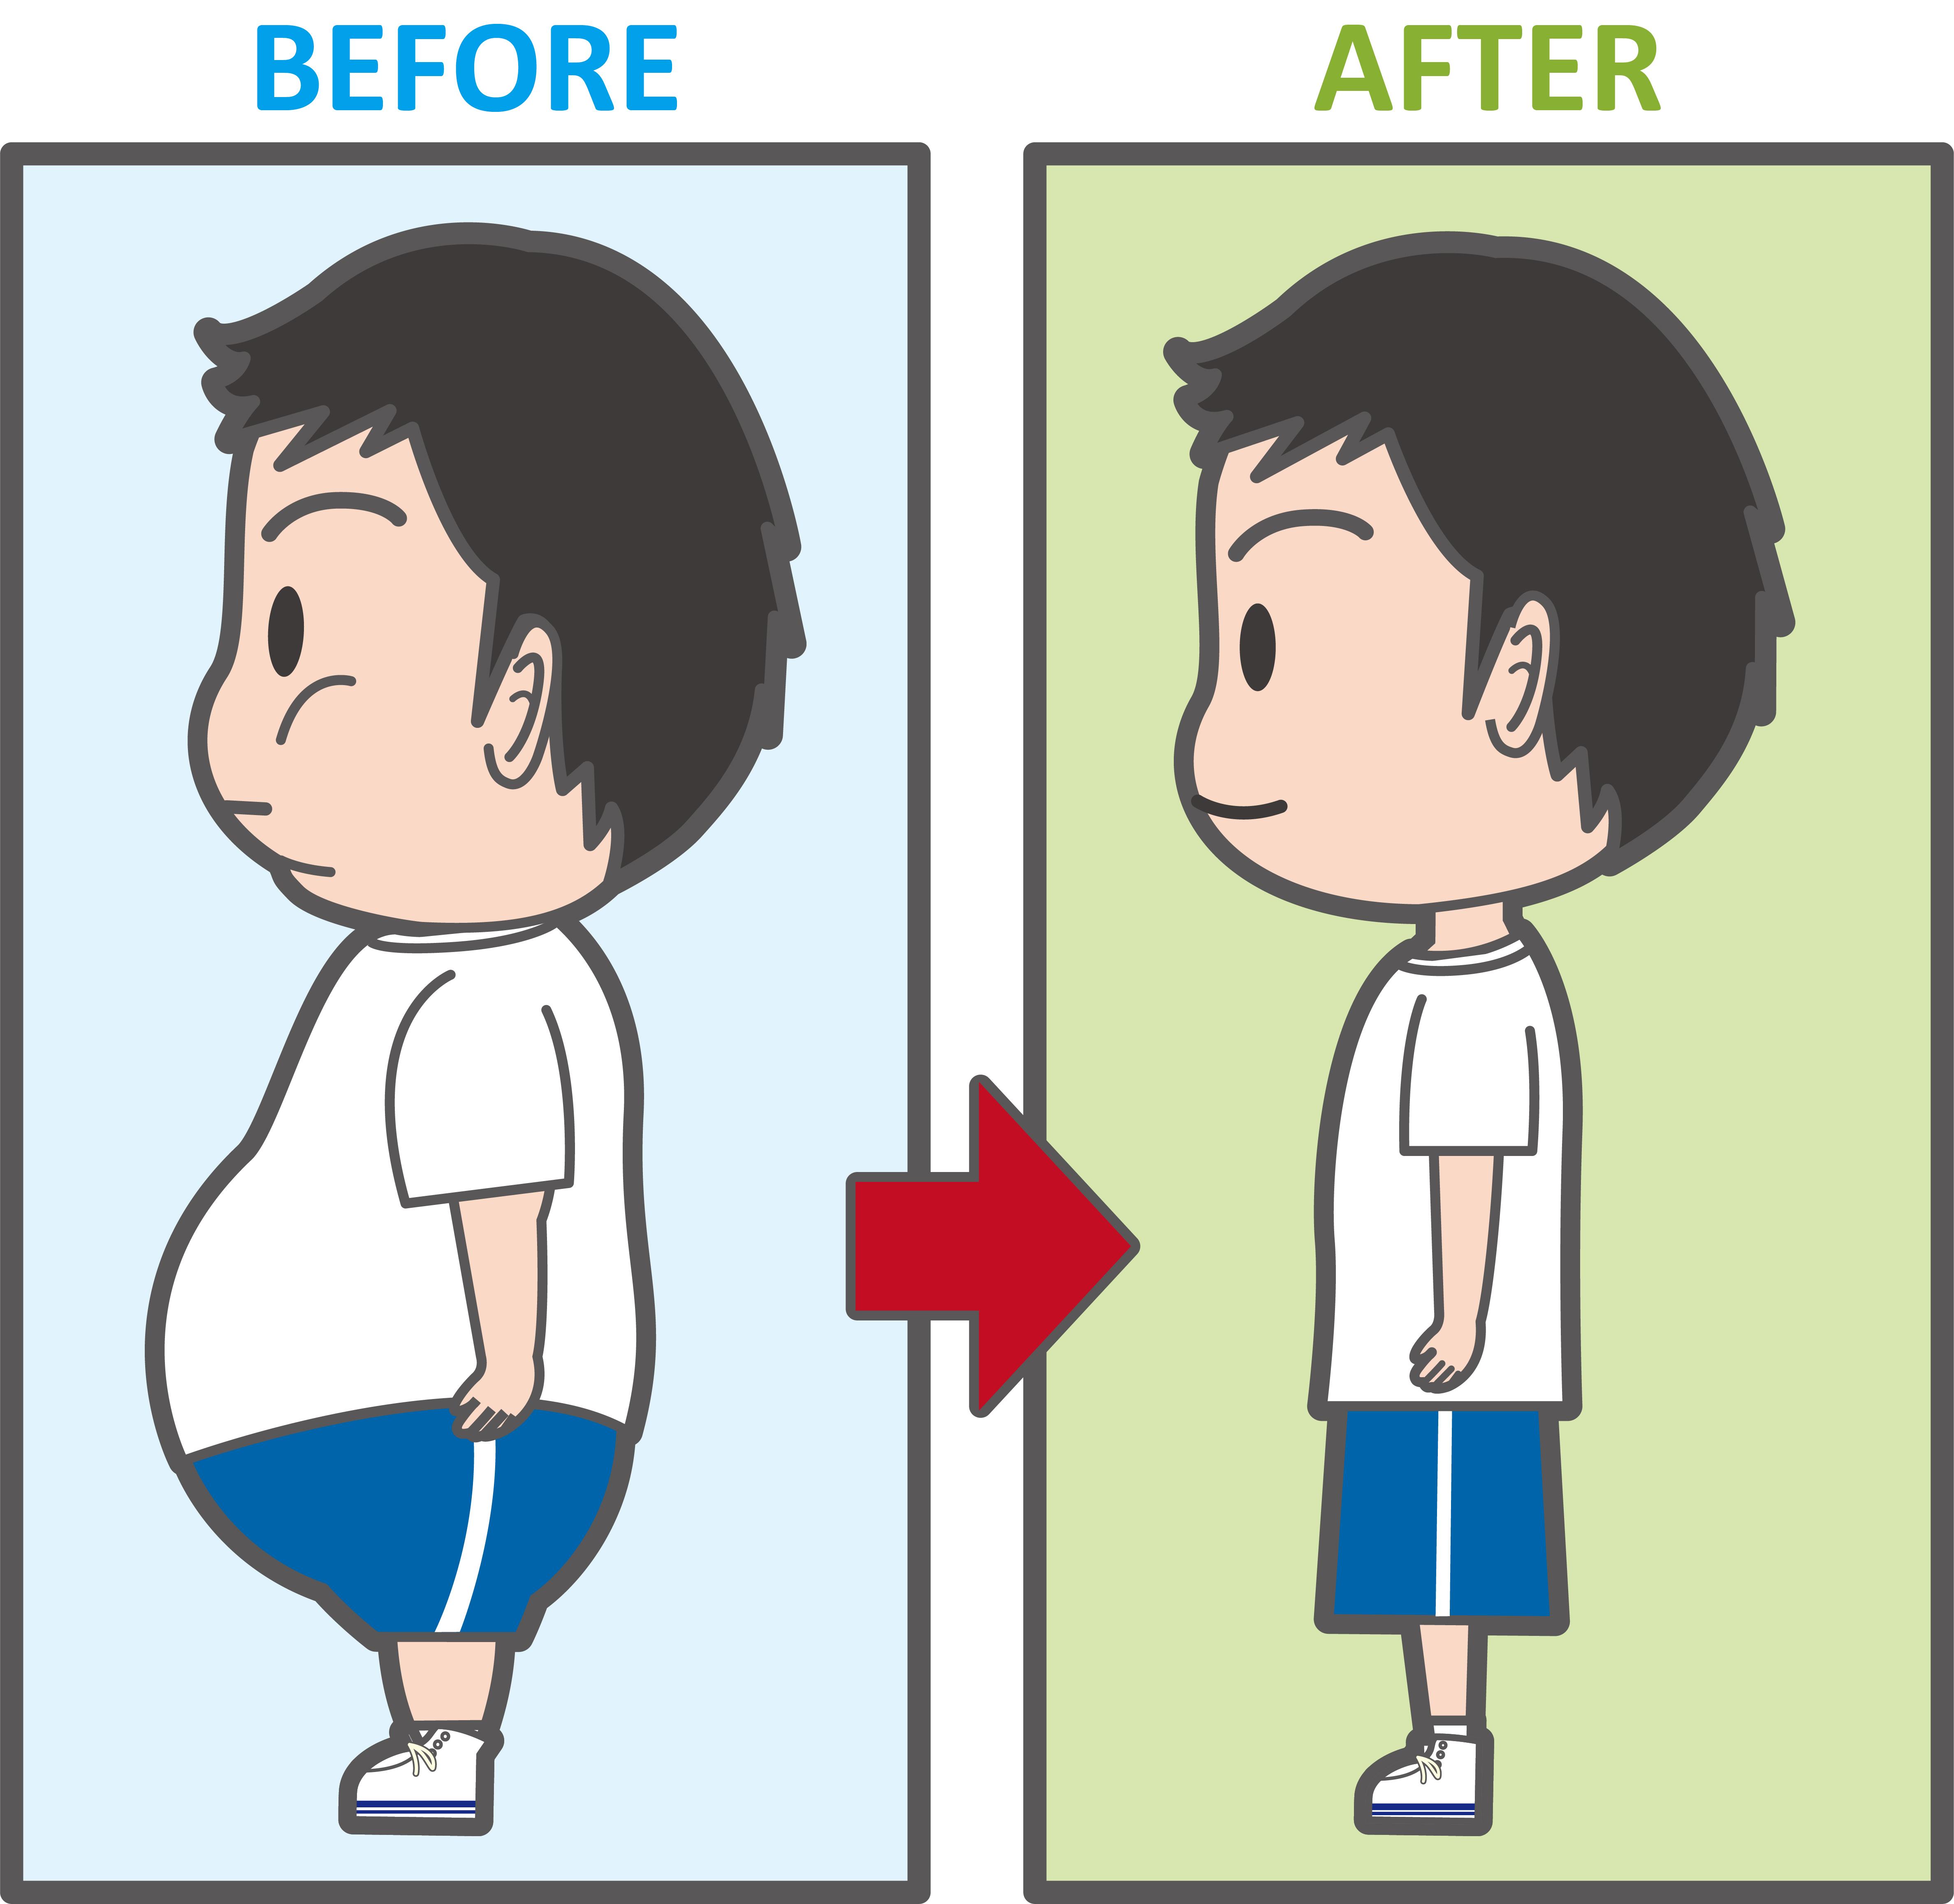 糖質制限5か月で85kgから73kgまで8kg痩せた私の実践記